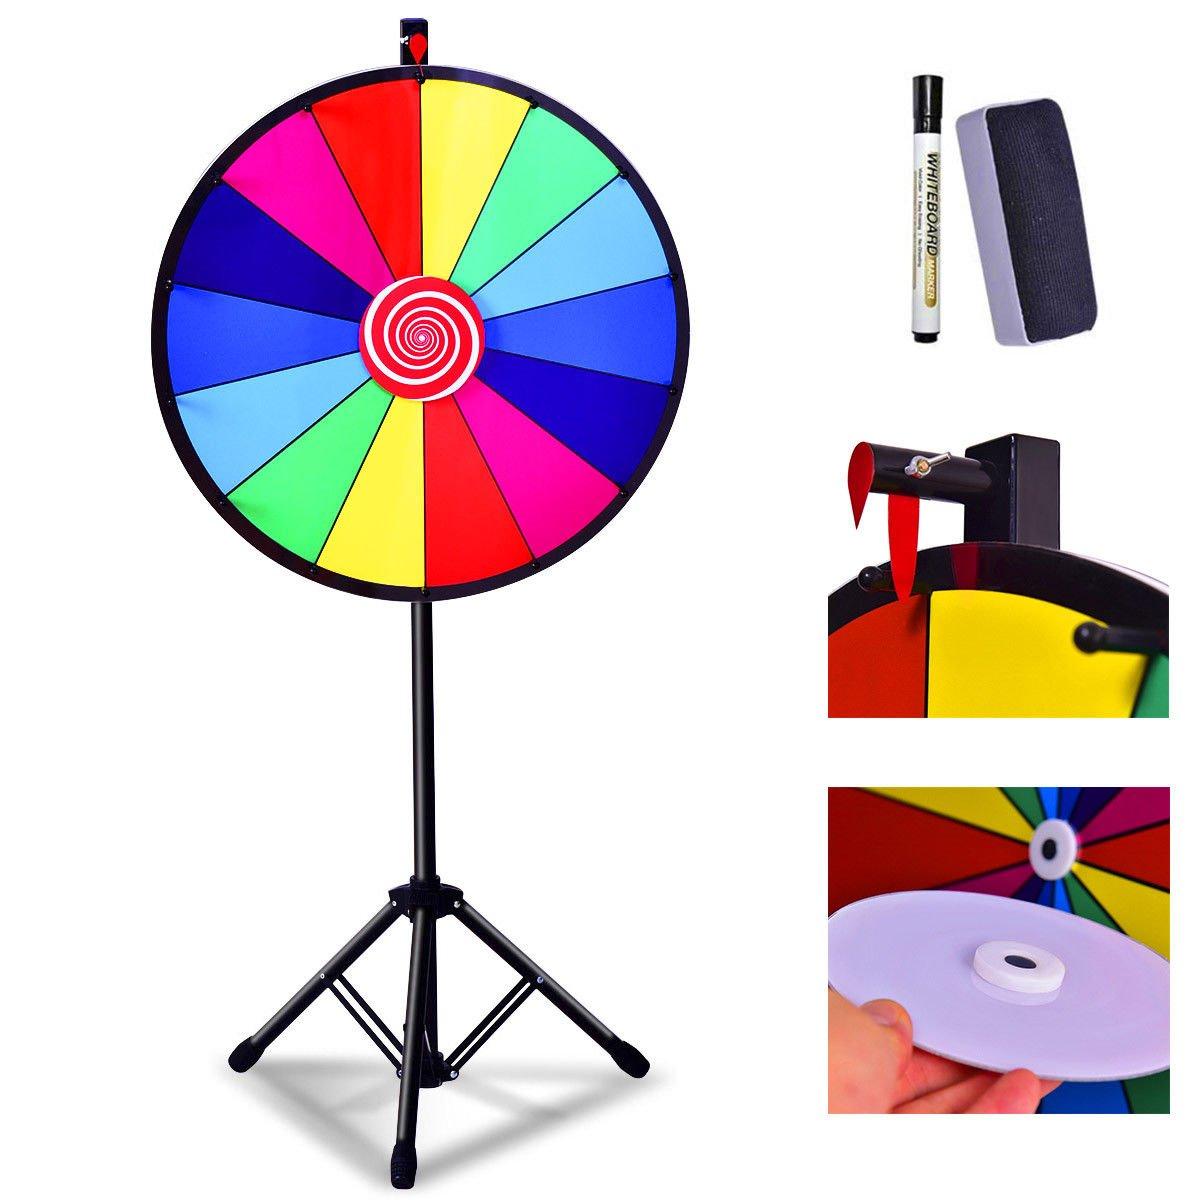 Soporte genérico para Juego de Mesa con diseño de Fortune Spinning